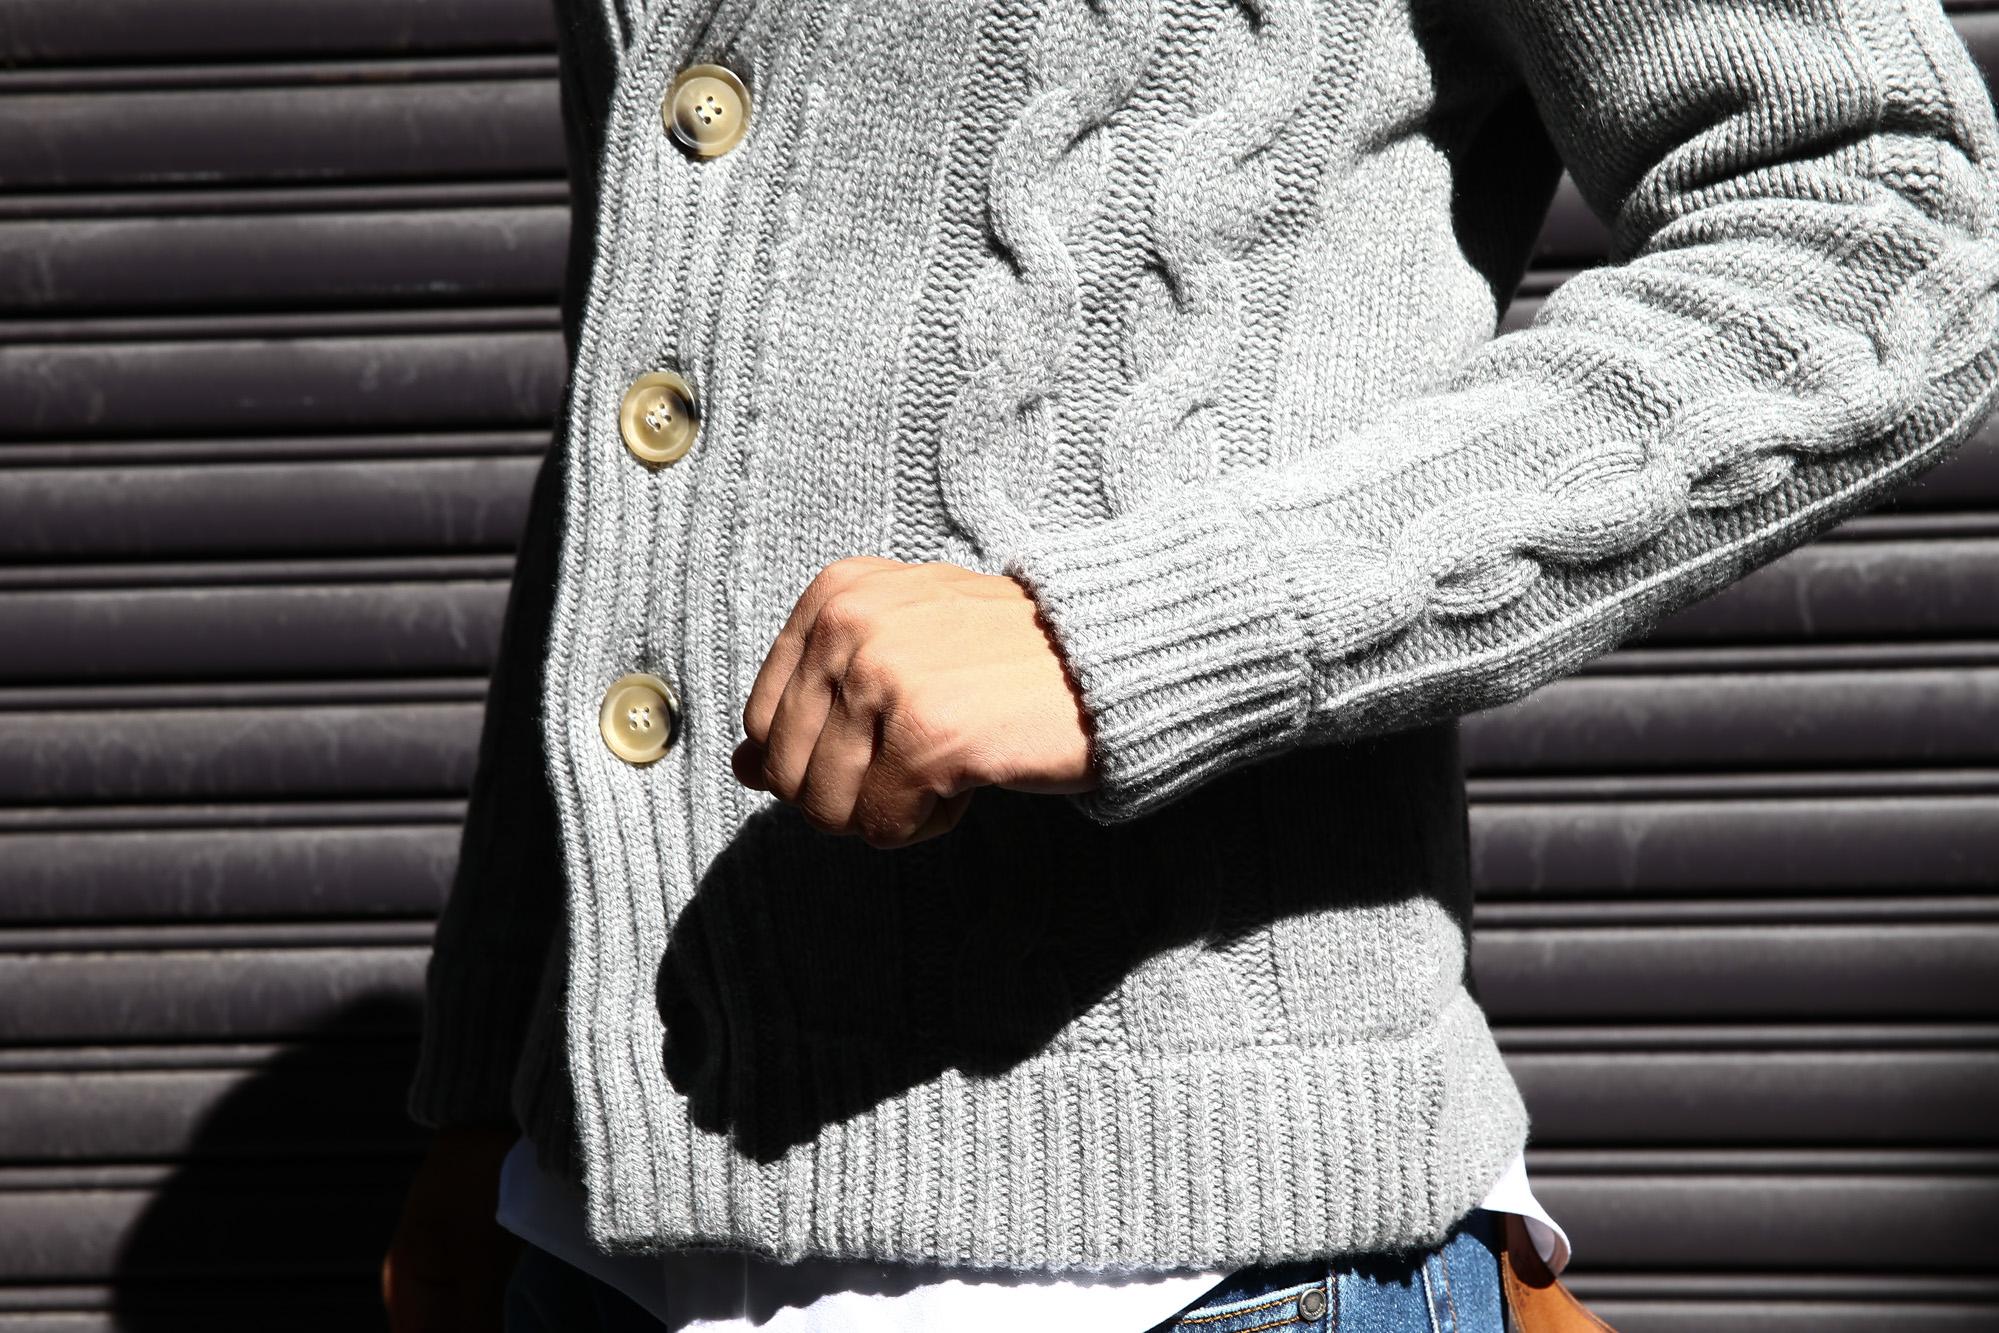 Settefili Cashmere (セッテフィーリ カシミア) Shawl Collar Cardigan (ショールカラーカーディガン) ローゲージ ニット カーディガン GREY (グレー・MC009) made in italy (イタリア製) 2016 秋冬新作 ZODIAC 愛知 名古屋